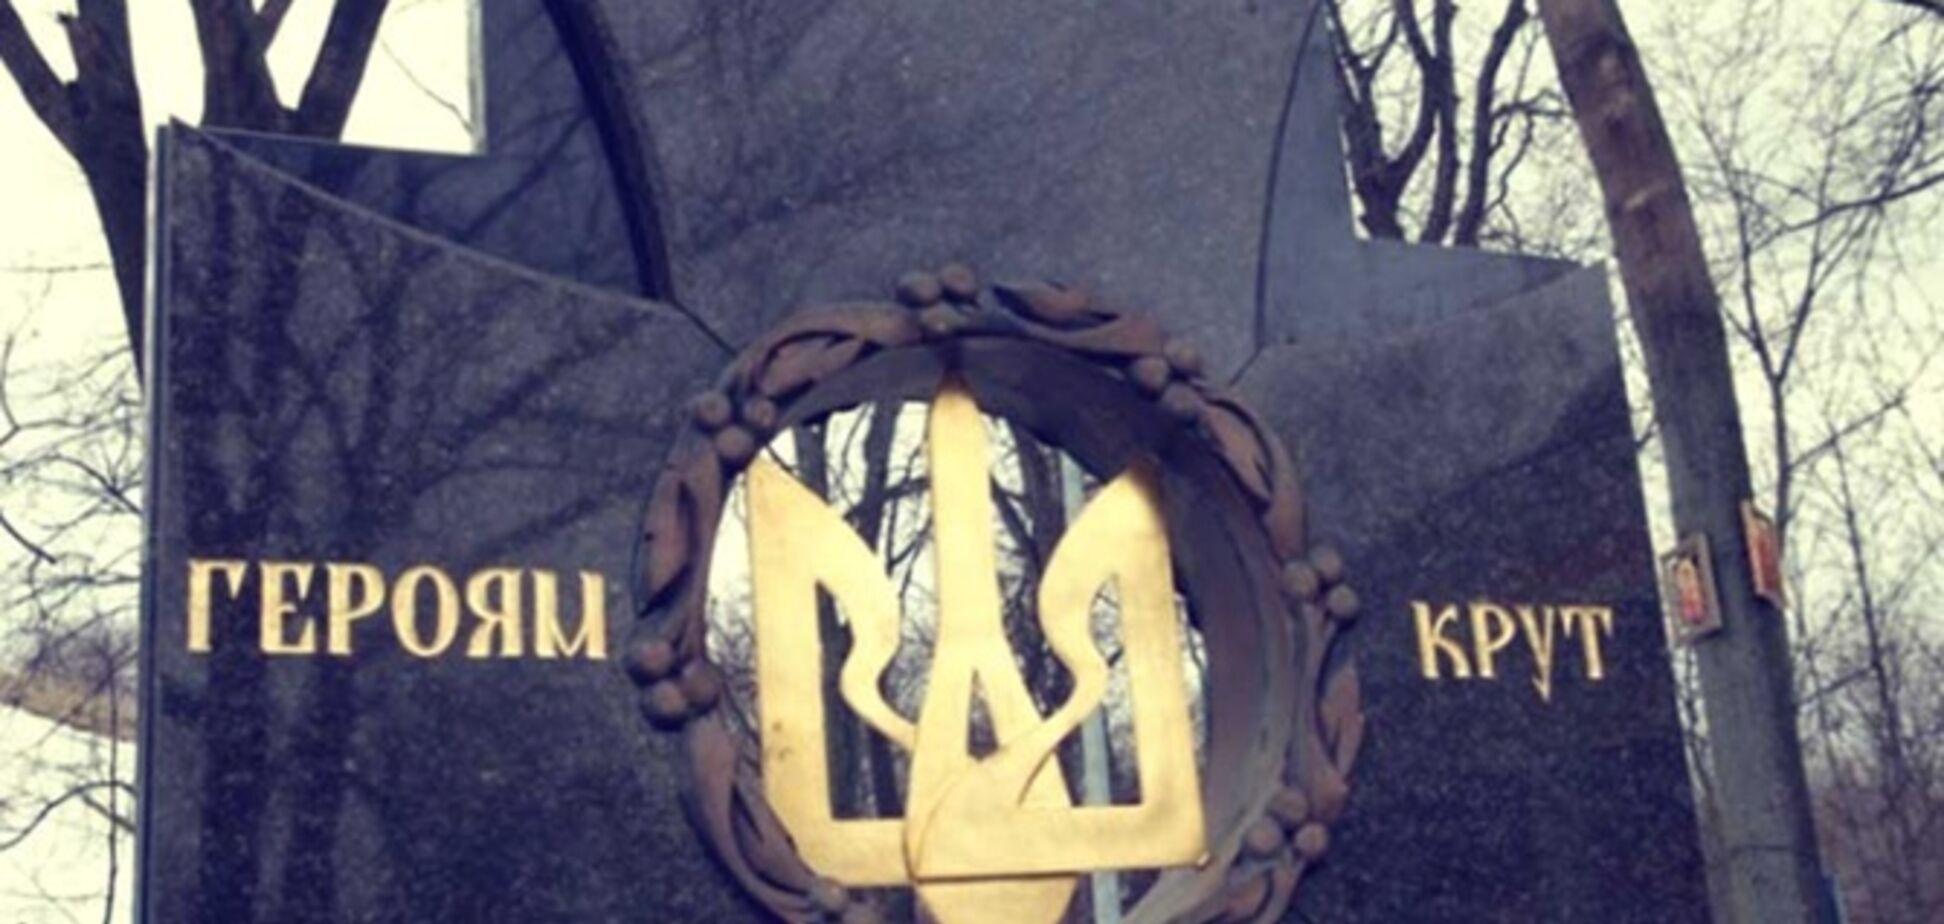 100-річчя бою під Крутами: в Україні шанують пам'ять 'перших кіборгів'